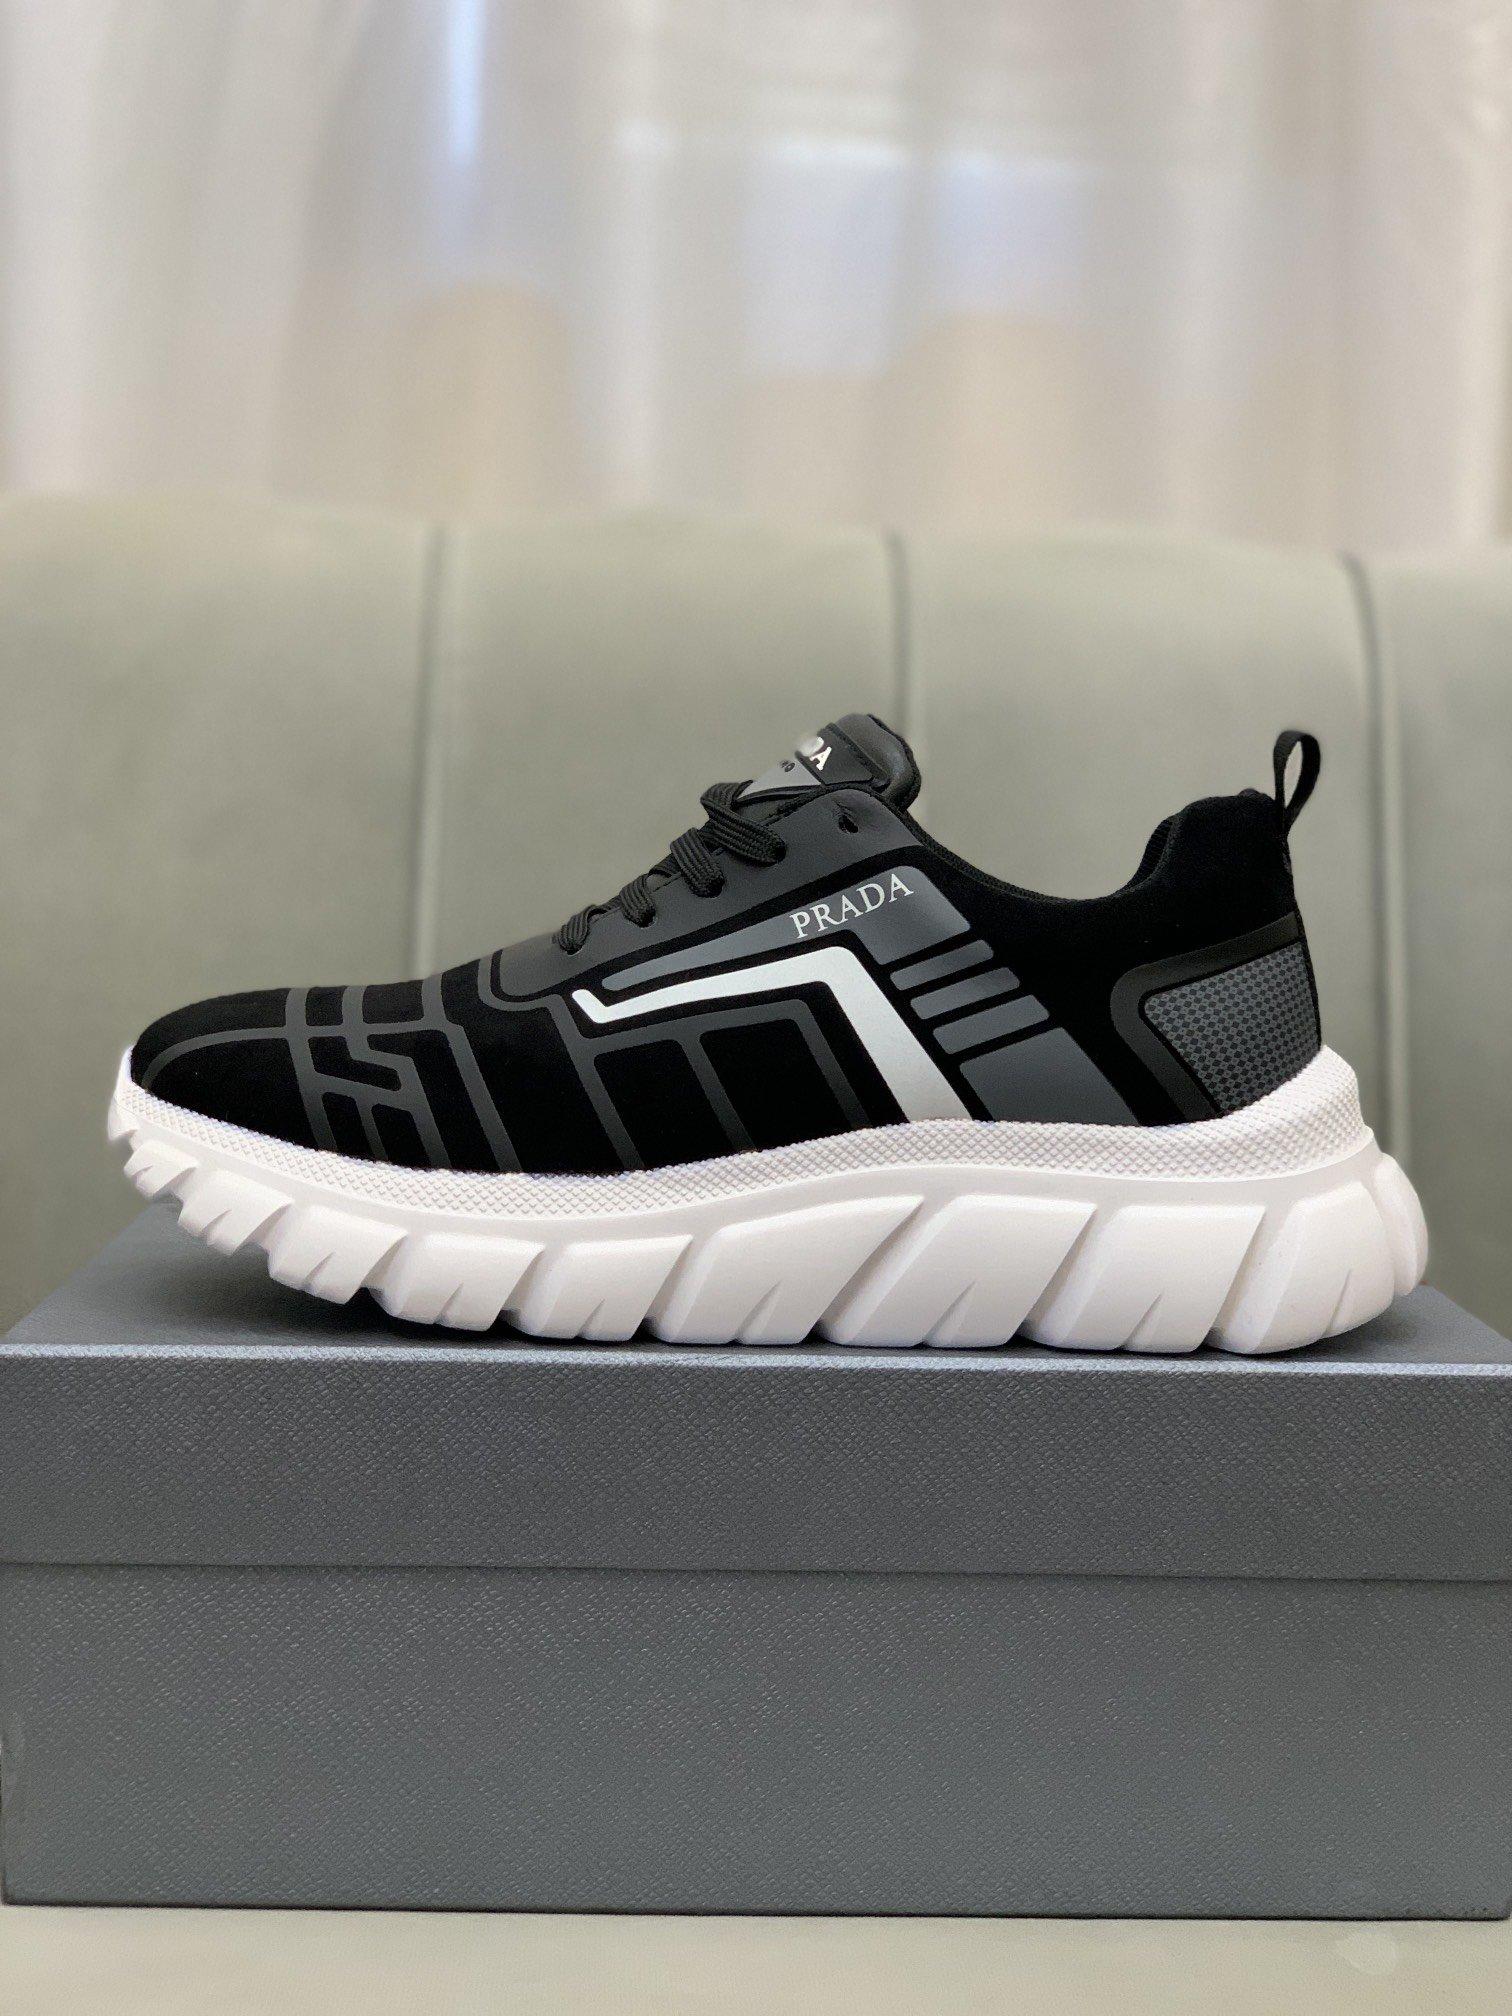 Prad*普拉*低帮运动鞋正码码数: